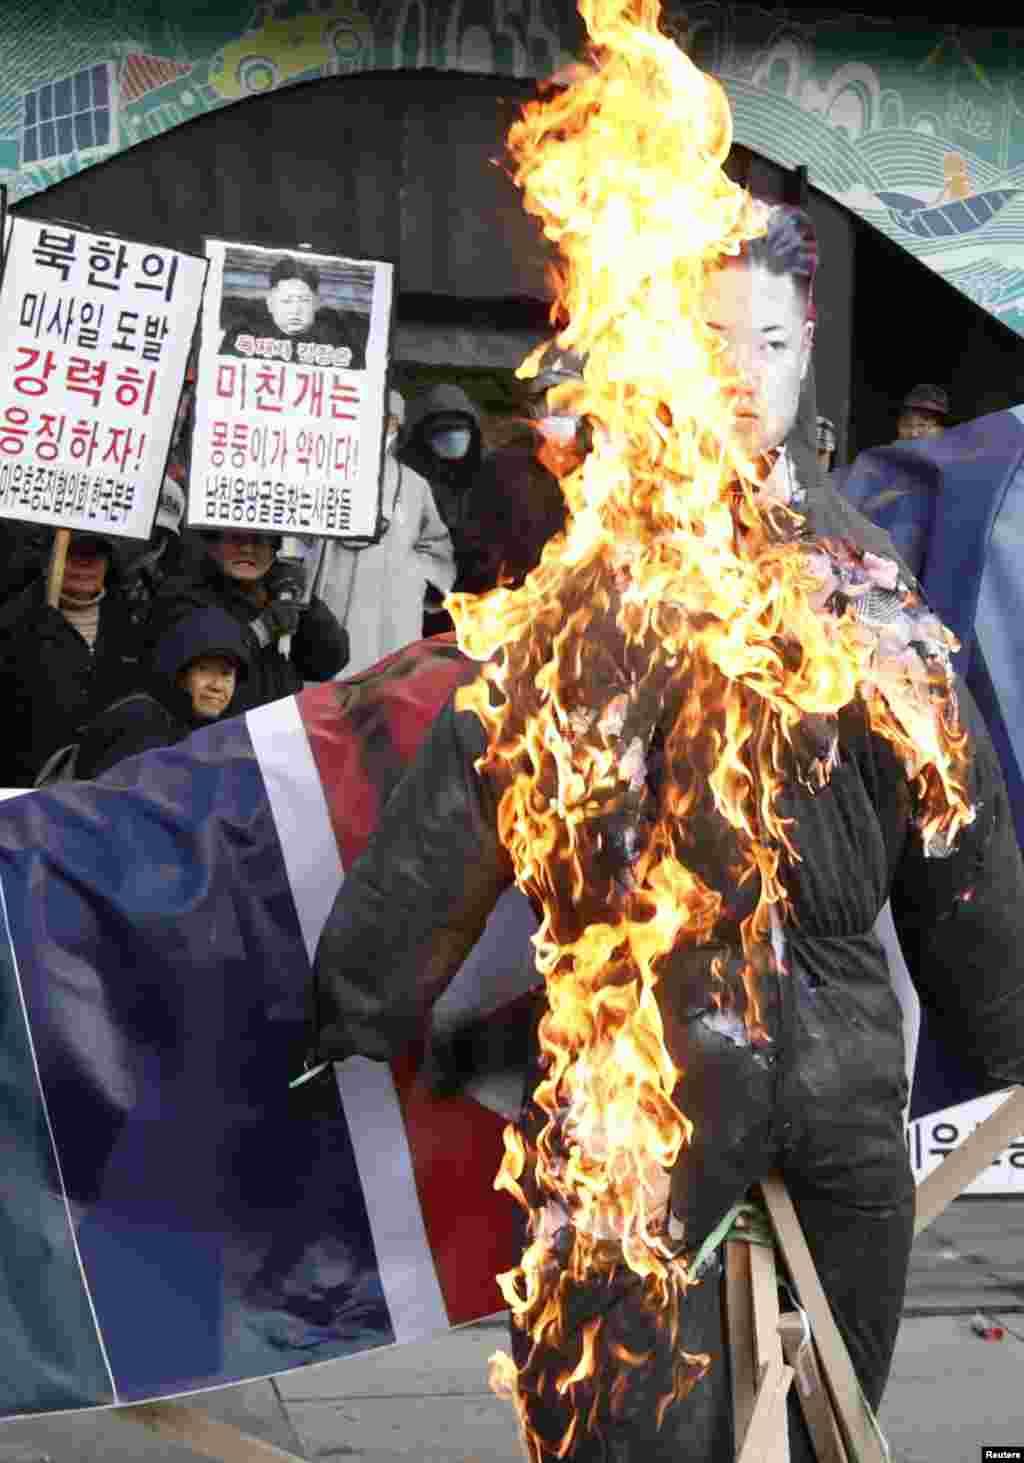 مظاہرین شمالی کوریا کے رہنما کم جانگ کا پتلا نذر آتش کر رہے ہیں